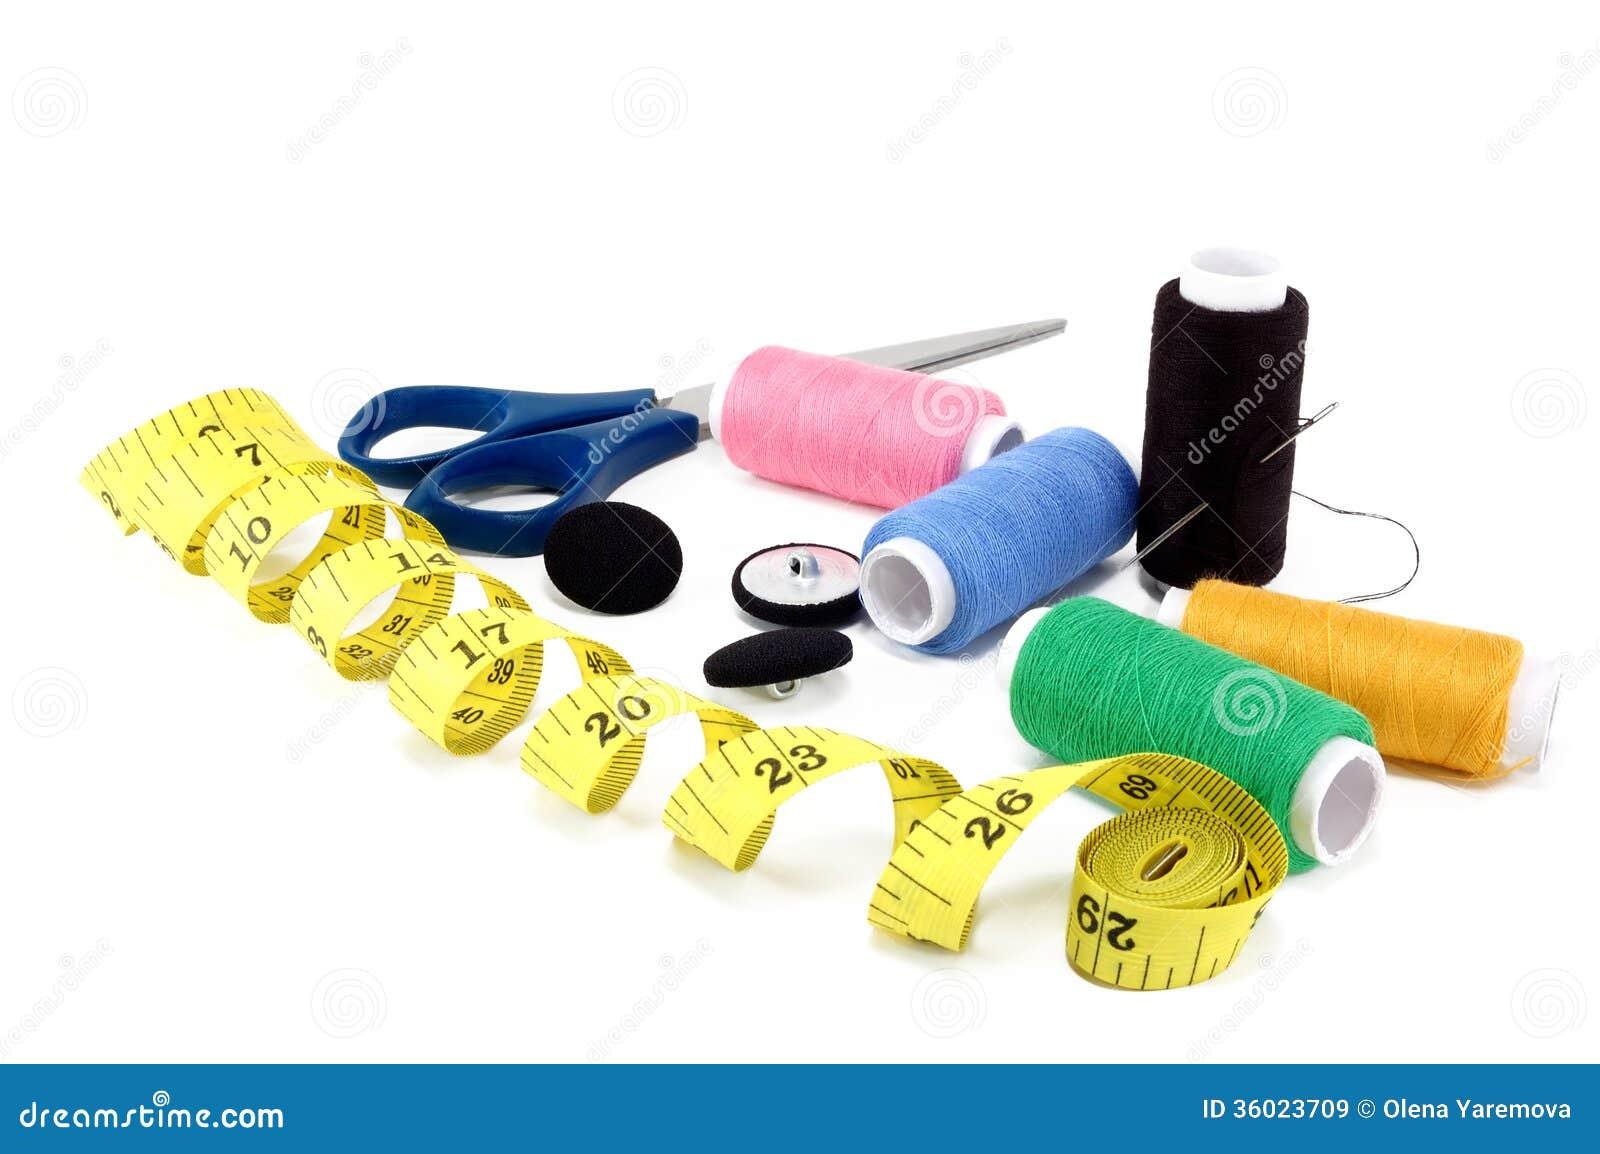 Sewing supplies free sewing supplies for Sewing materials